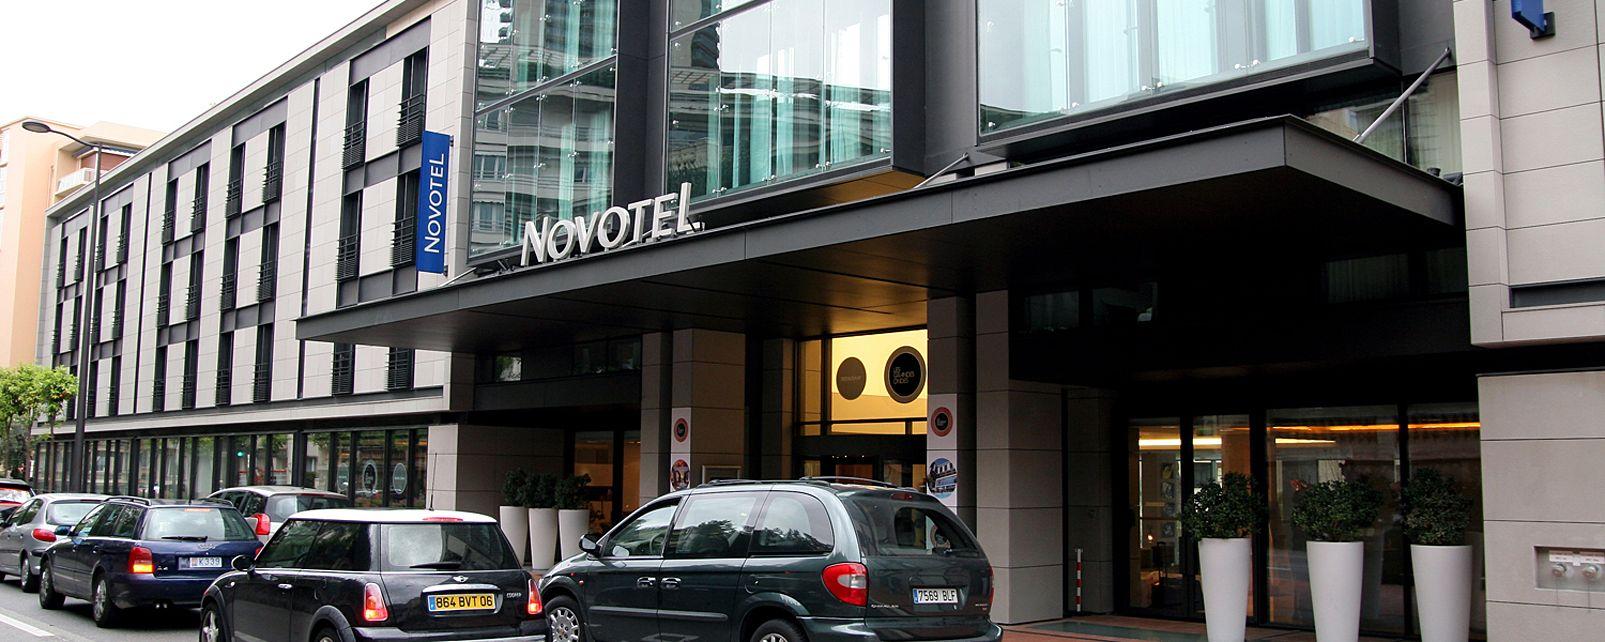 Hôtel Novotel Monte Carlo